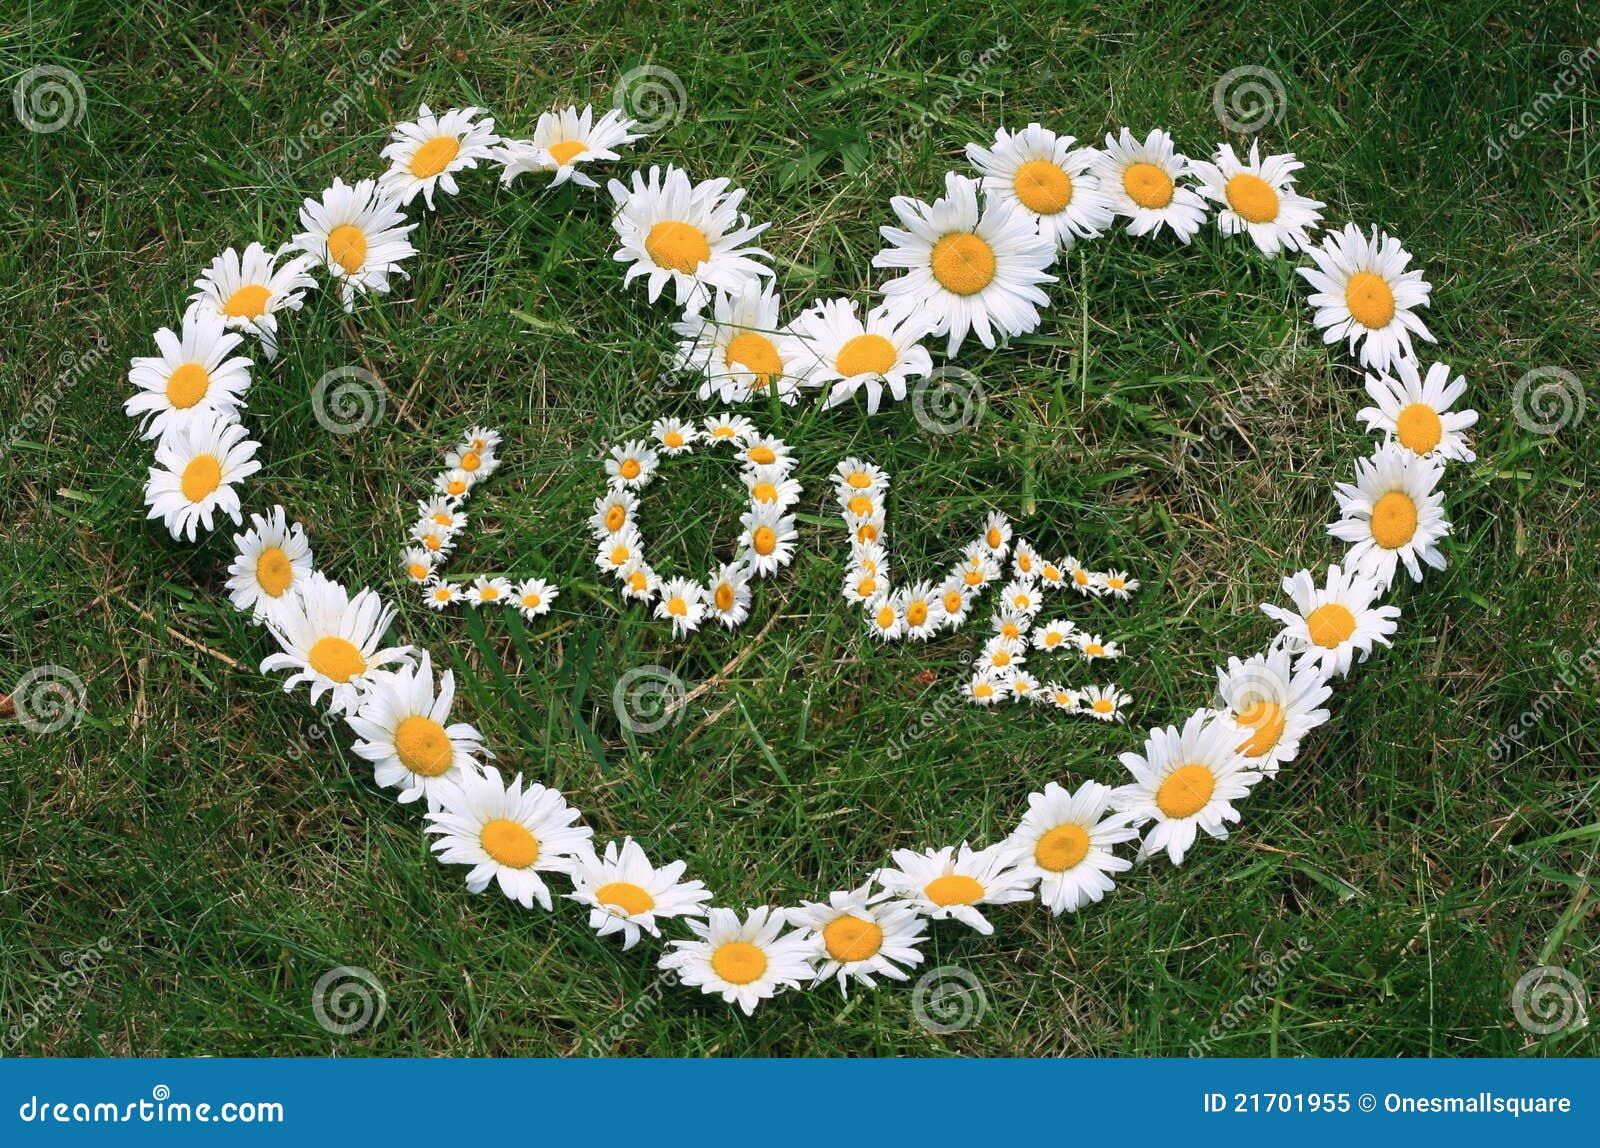 Daisy Love Heart Royalty Free Stock Photo - Image: 21701955 White Daisy Flowers Clipart